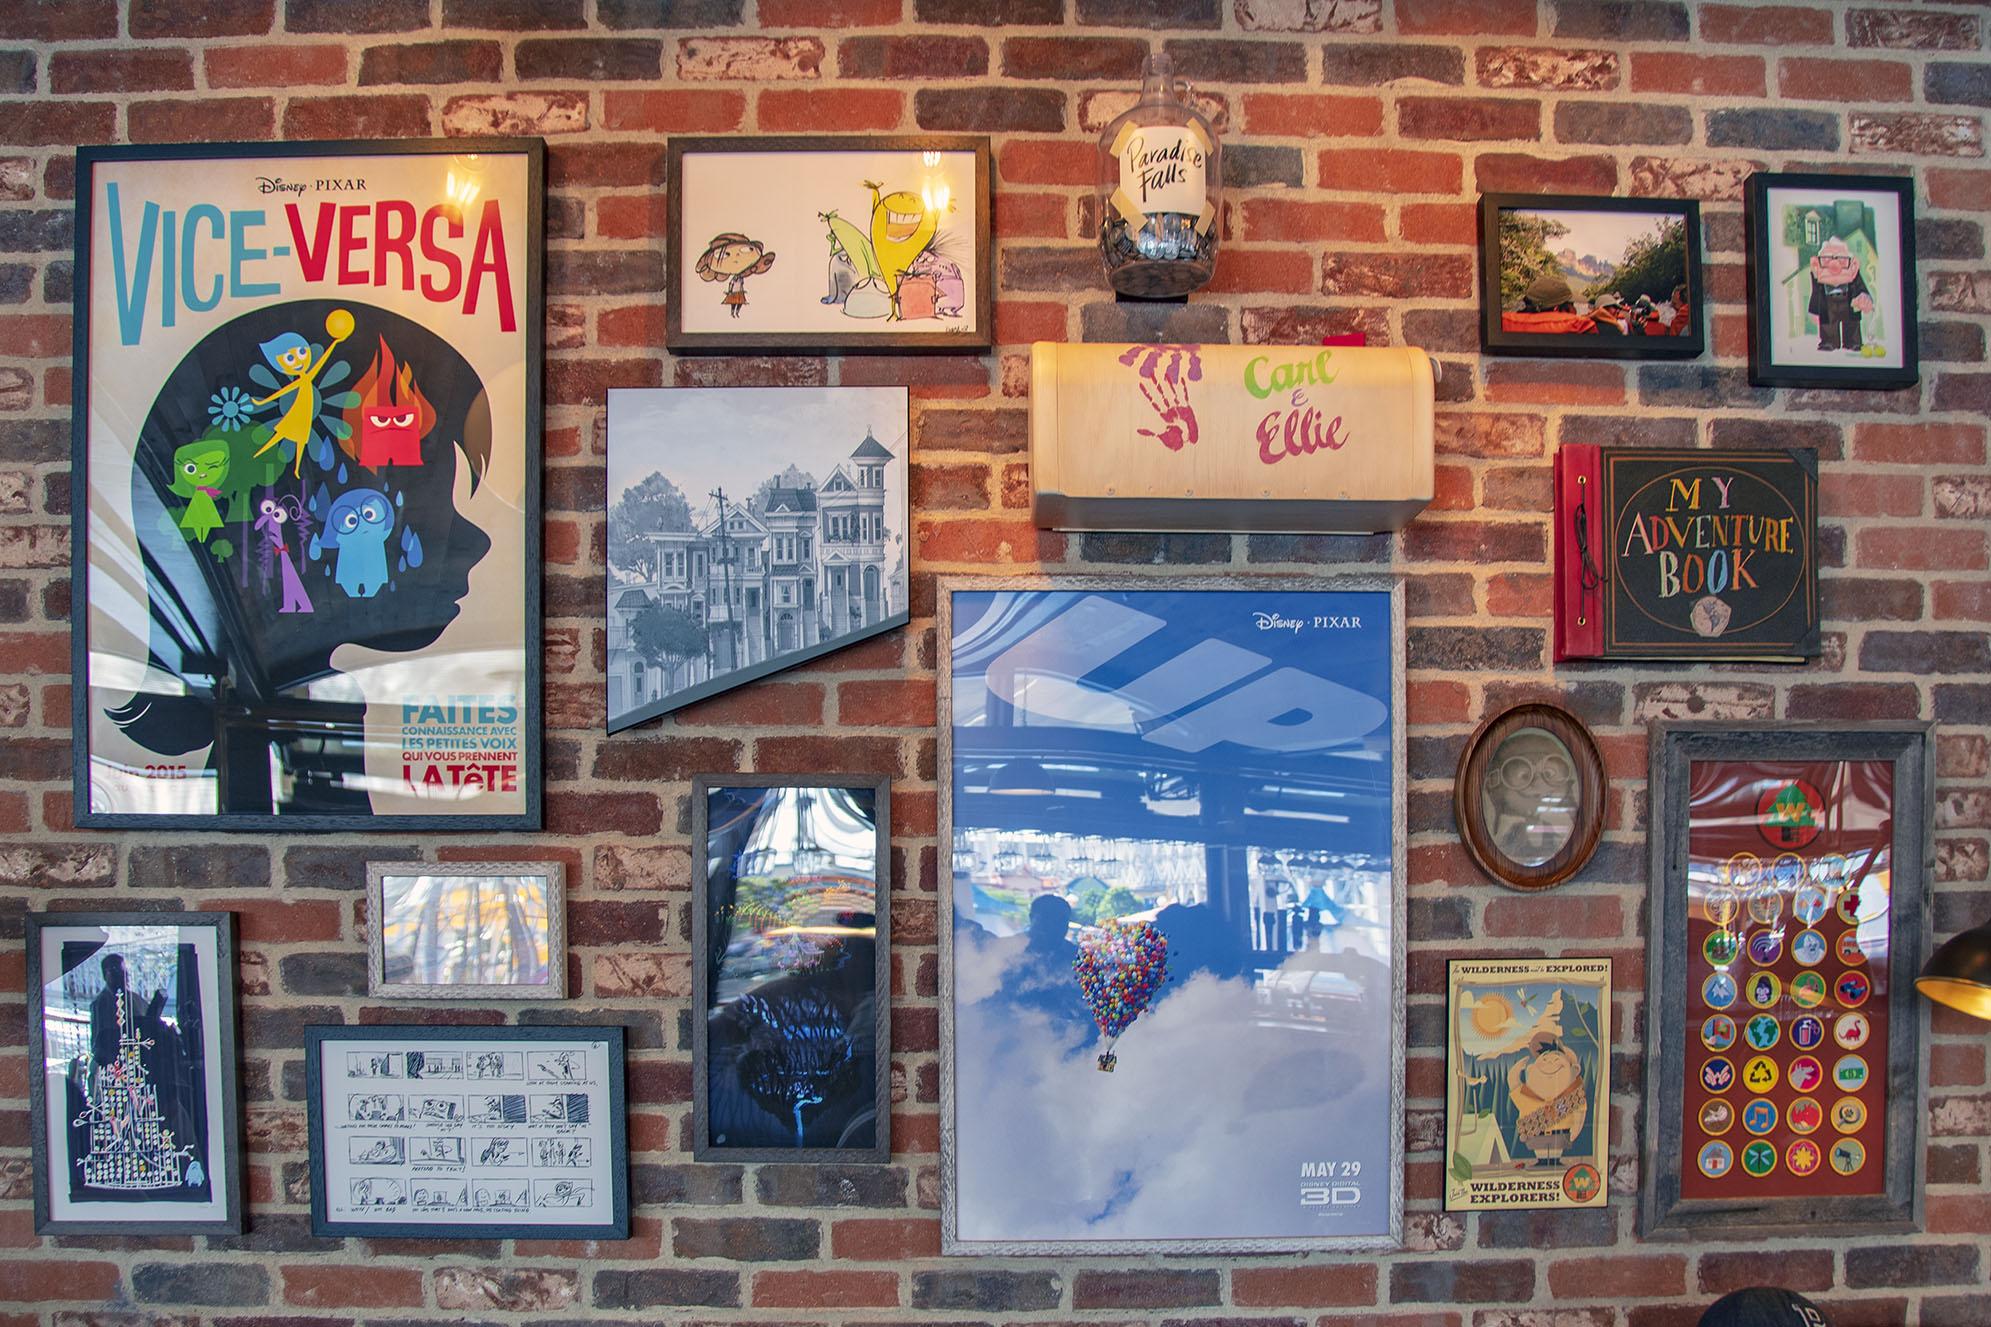 Lamplight Lounge Pixar Pier tavor